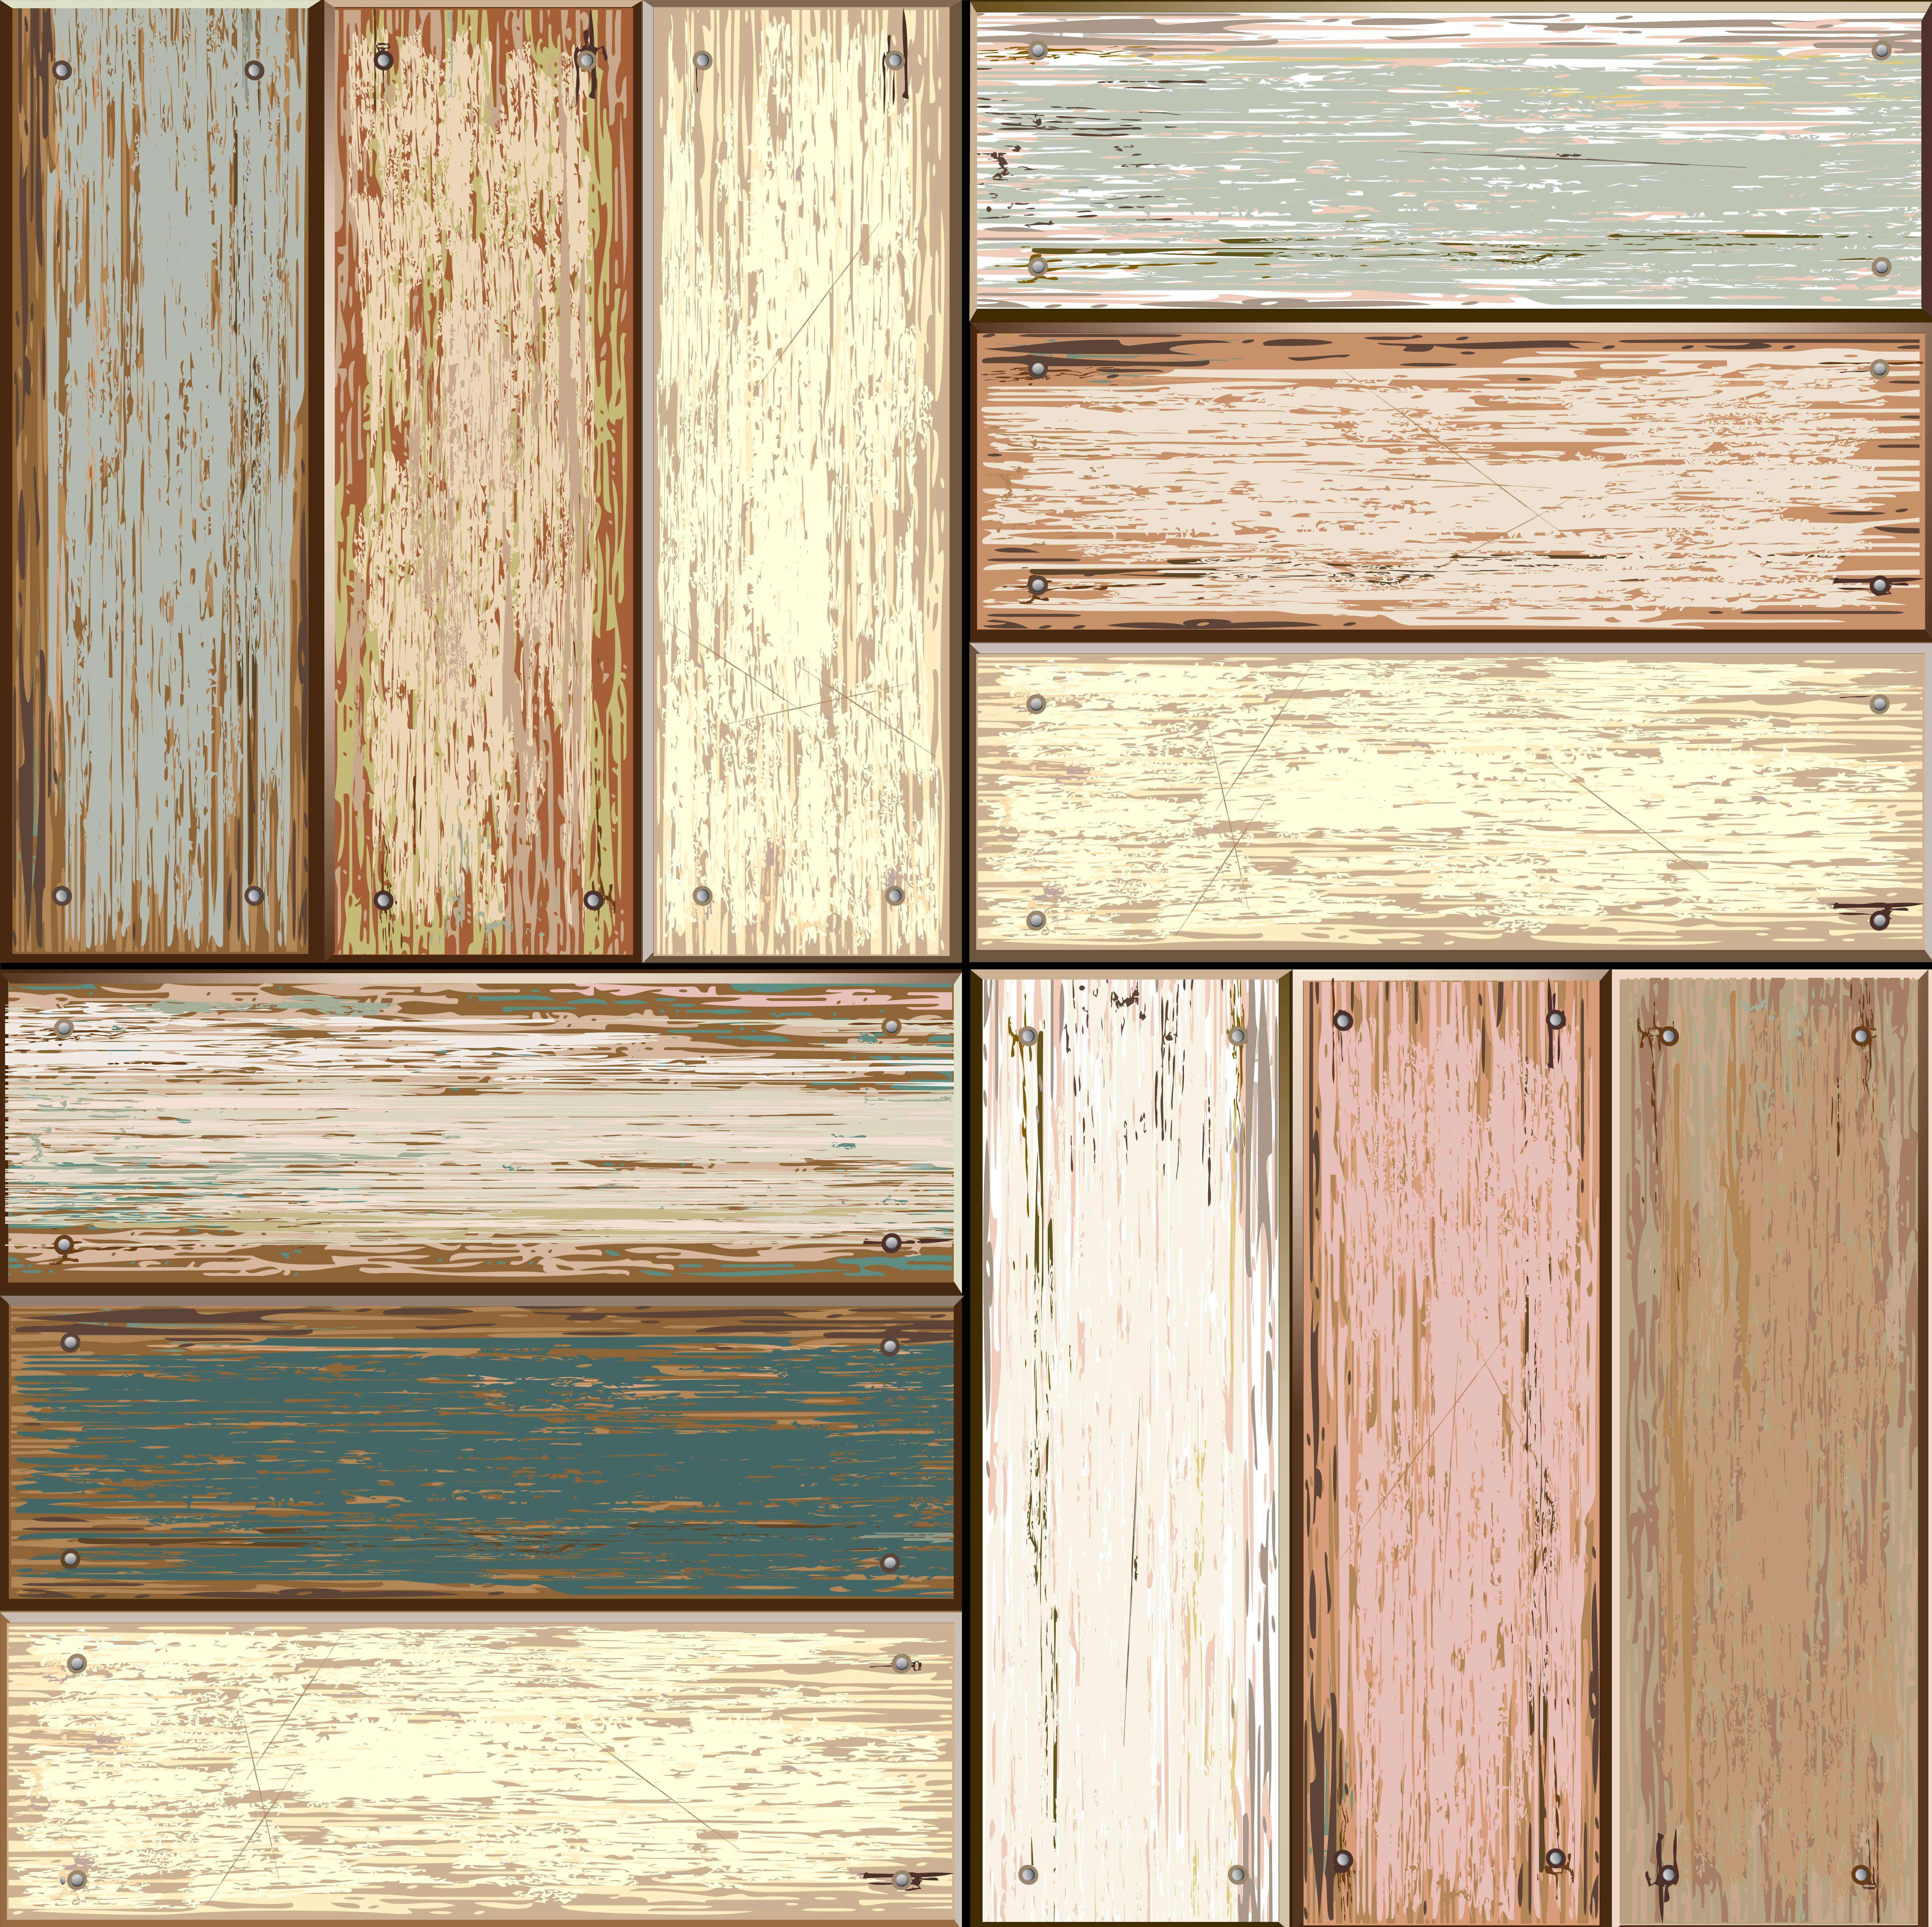 para los viejos suelos de madera vintage poster background